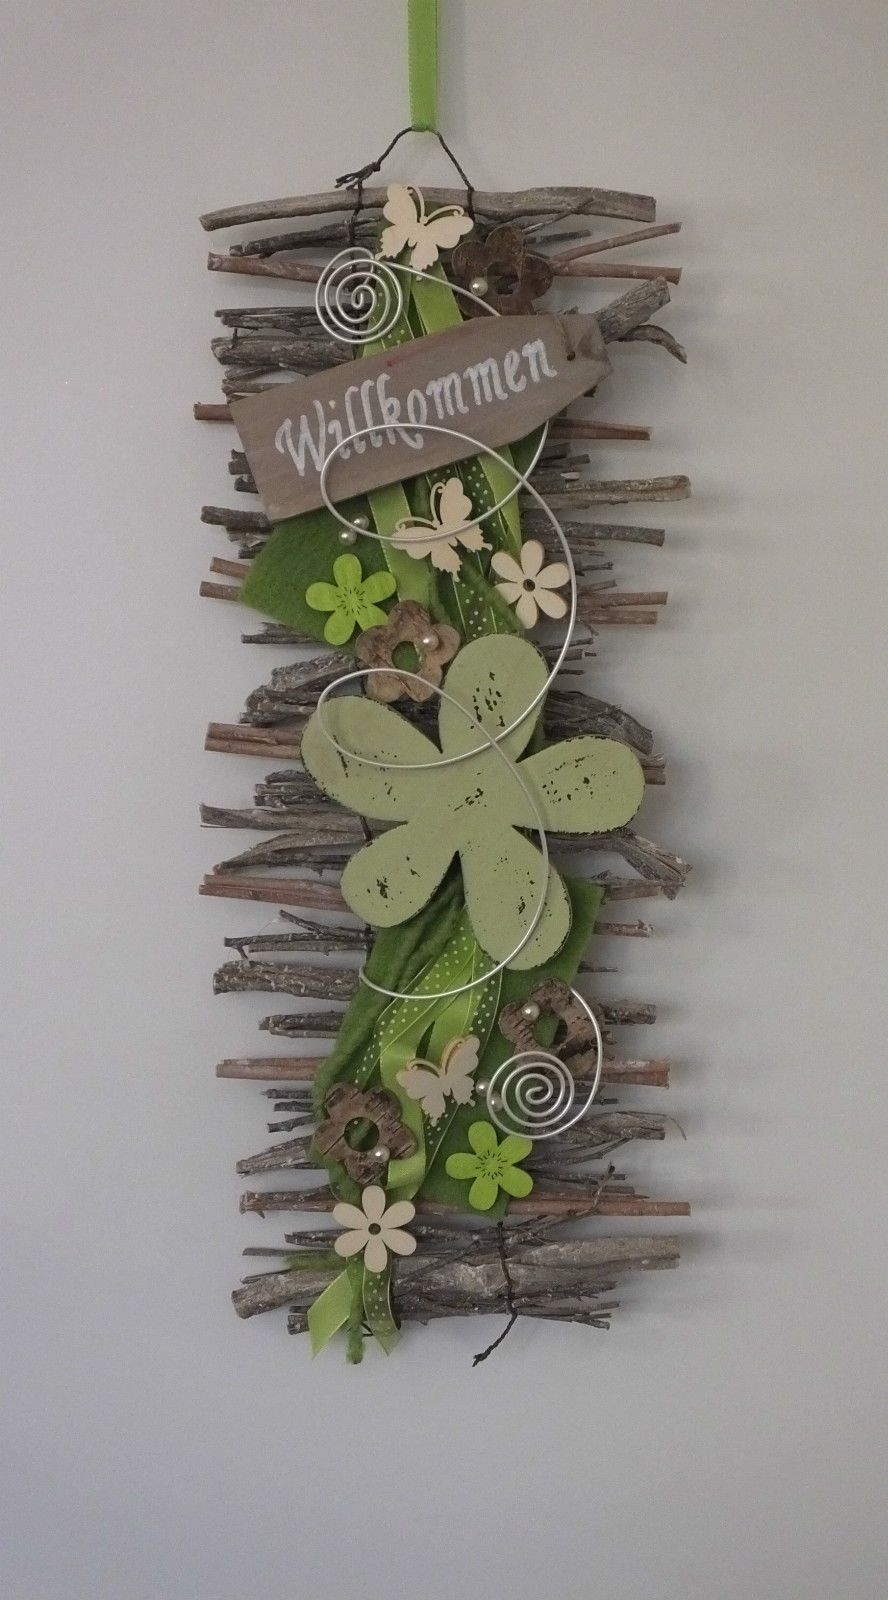 Türkranz, Türschmuck, Willkommen, Wandbehang, Filz, Blume, Frühling In  Möbel U0026 Wohnen, Dekoration, Außen  U0026 Türdekoration | EBay!